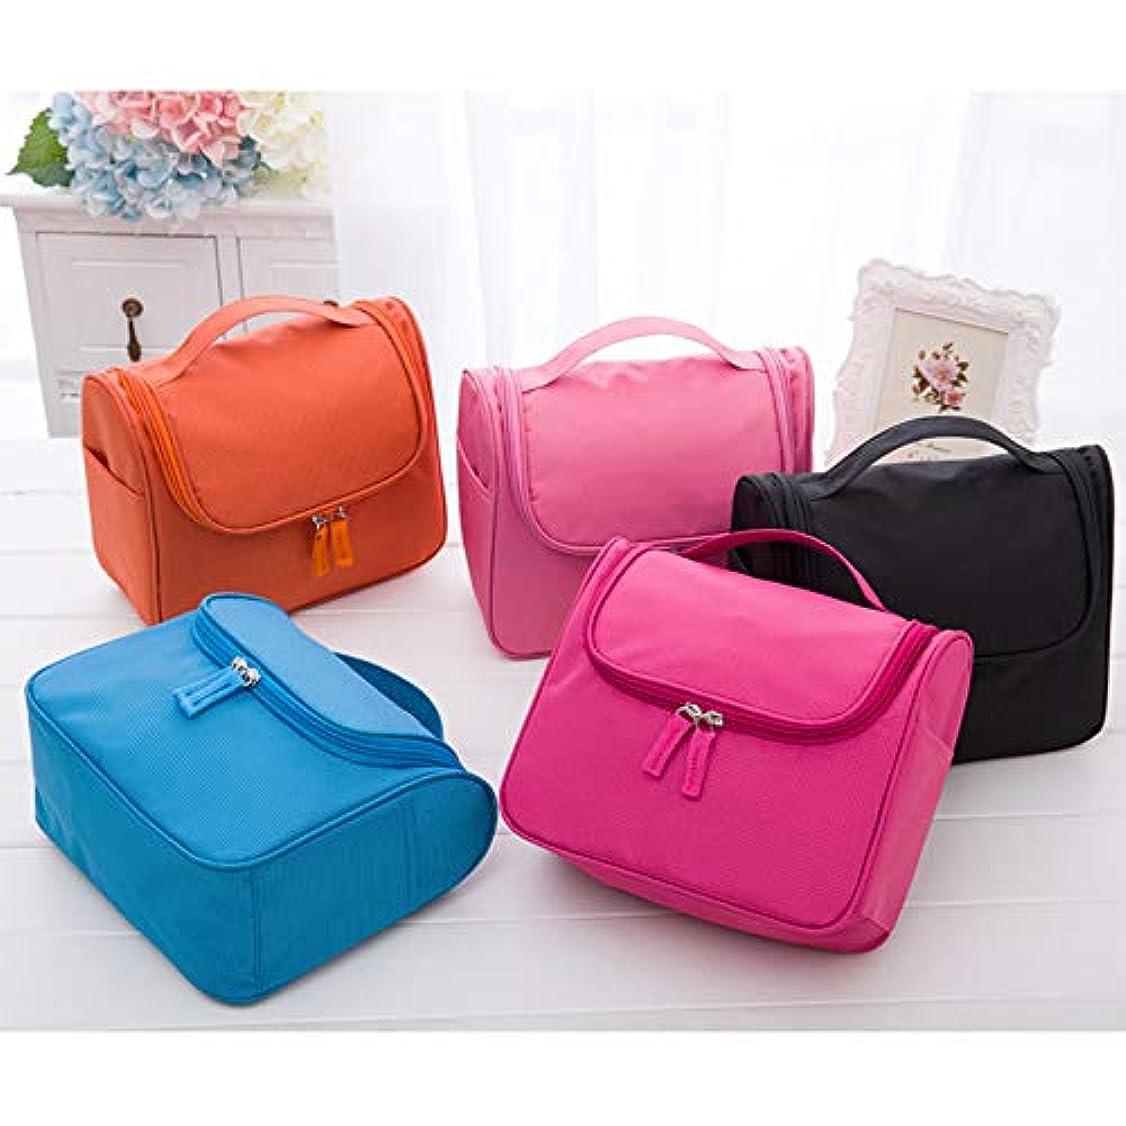 パック計り知れないフライカイトオレンジ メイクボックス/化粧用バッグ 化粧バッグ 化粧品入れ 洗面用具入れ ストレージトラベルキット フック付き 旅行用 家用